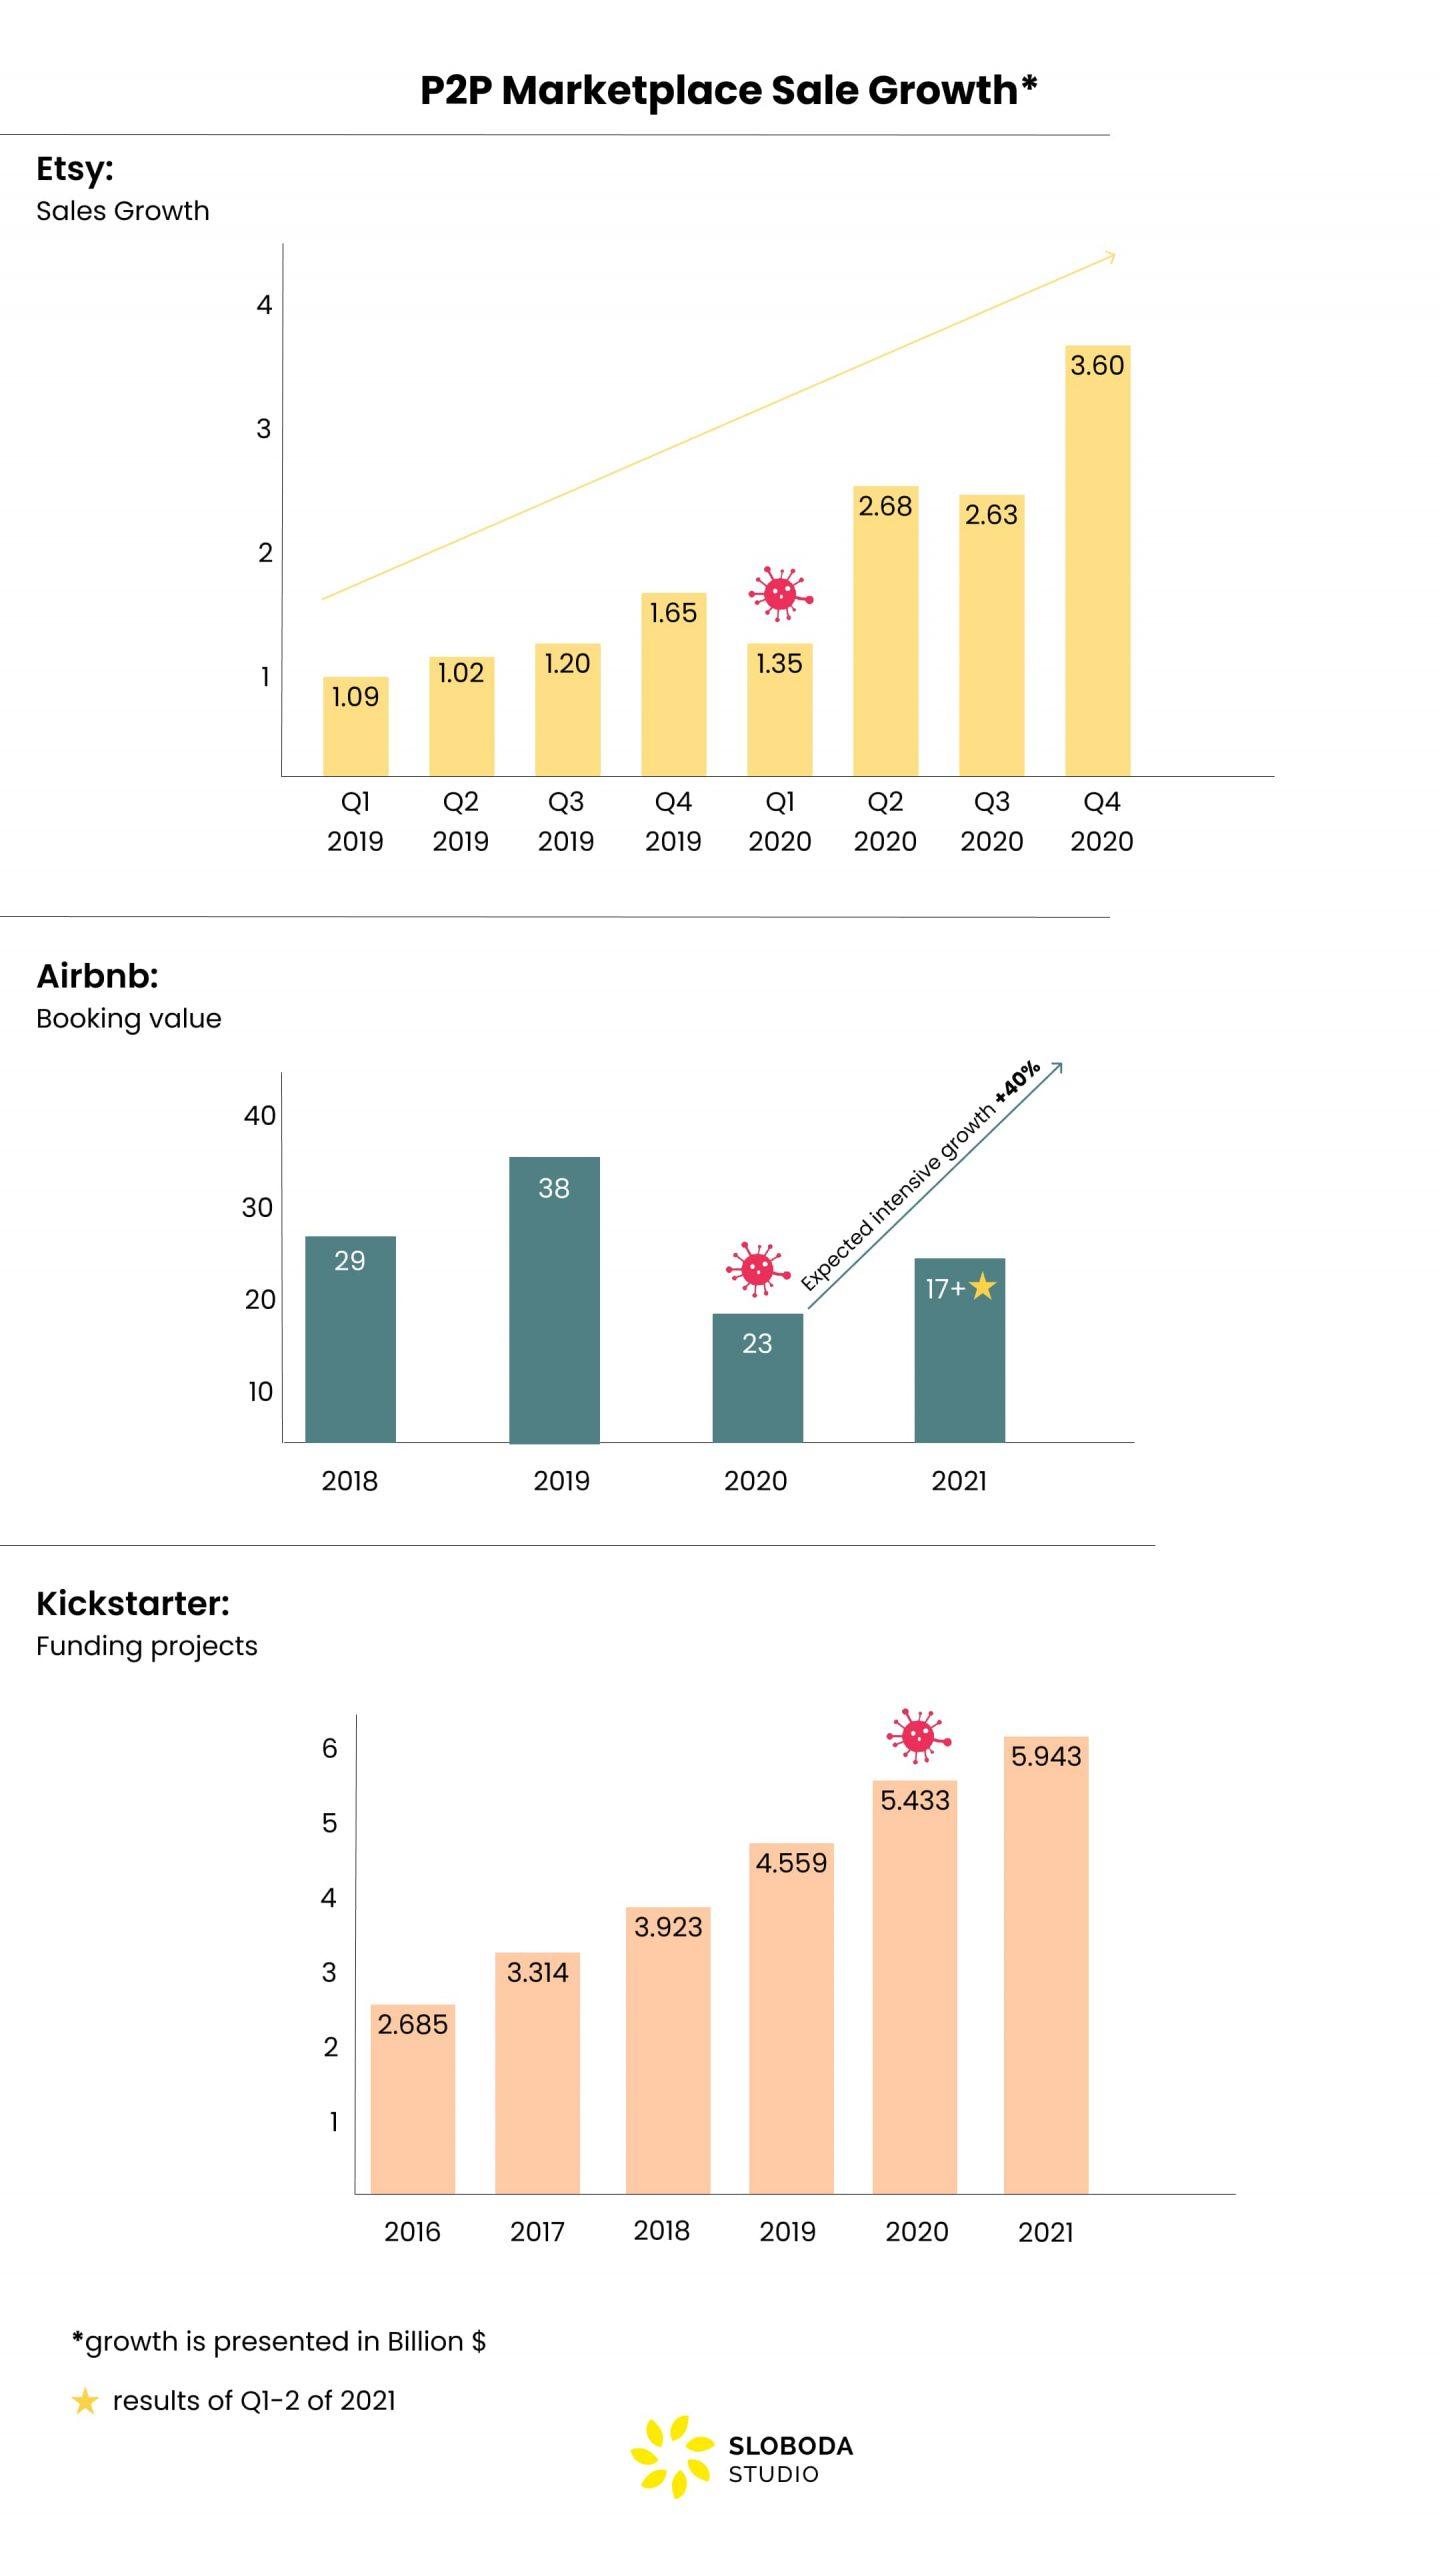 peer-to-peer sales growth in 2021